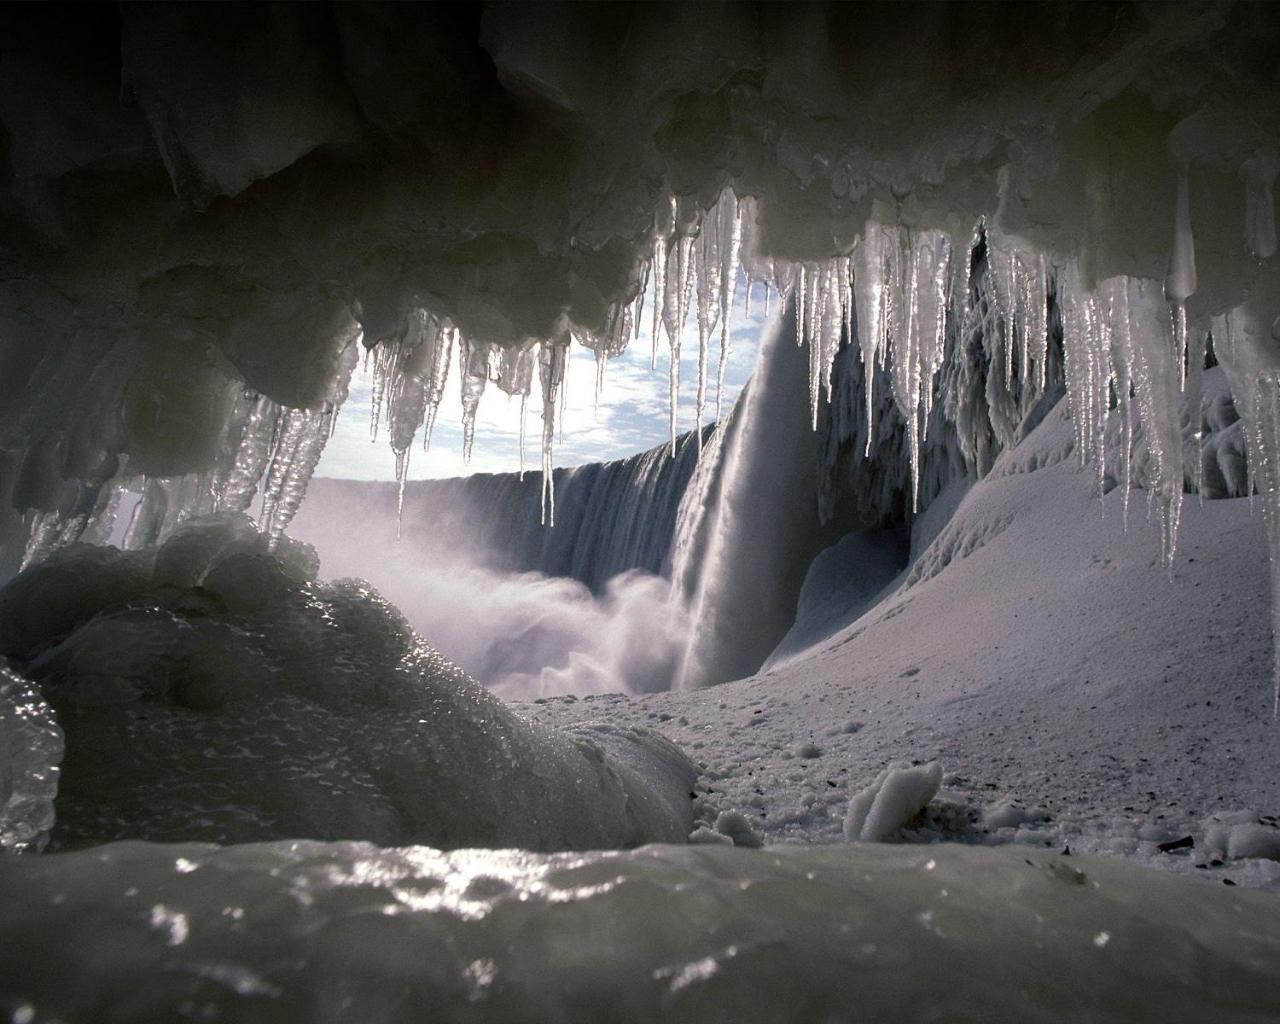 http://4.bp.blogspot.com/_TcwbPuj2SZ0/TNV26Vf7xcI/AAAAAAAATWg/LT0Qv_P-PhU/s1600/Ice+Winter+Wallpaper.jpg